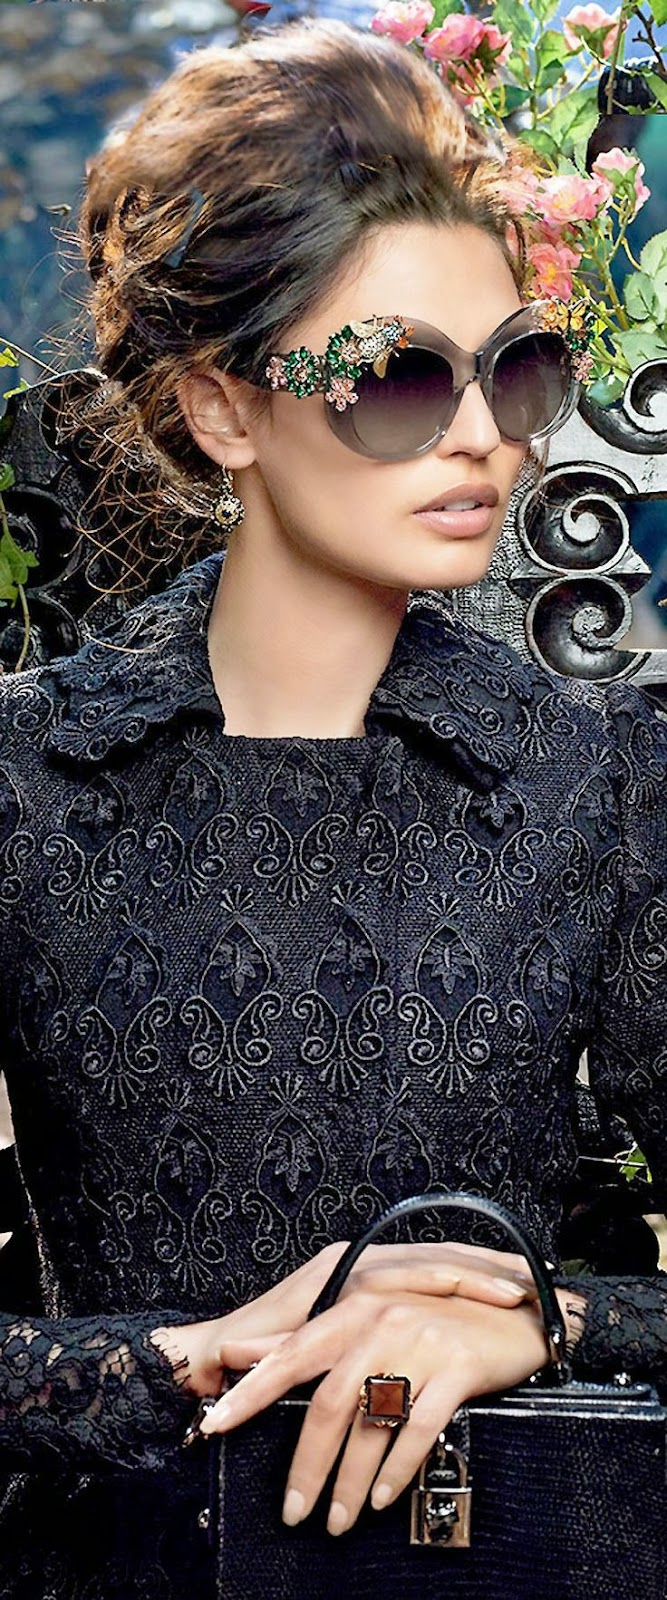 Tendências moda primavera-verão 2015 óculos redondos com aplicações